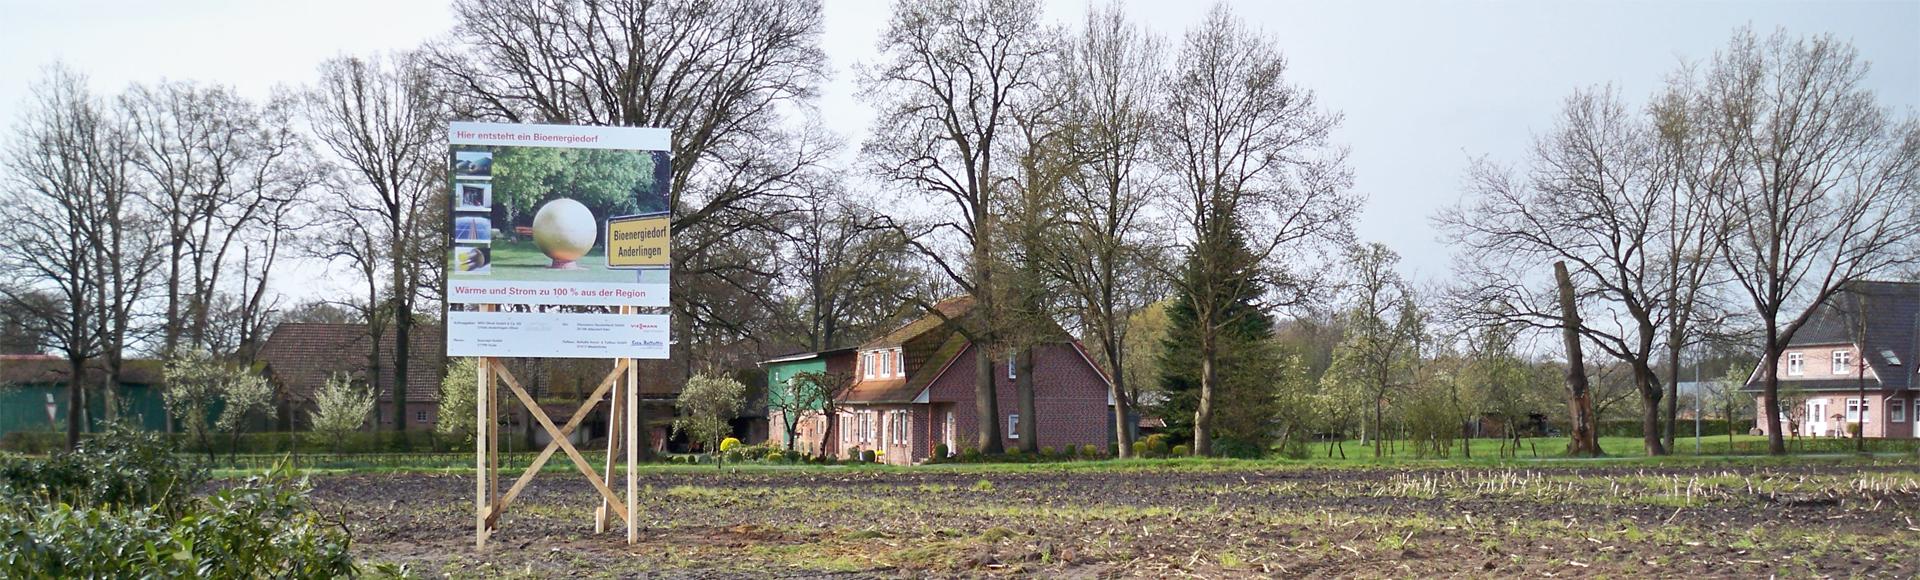 Bioenergiedorf Anderlingen